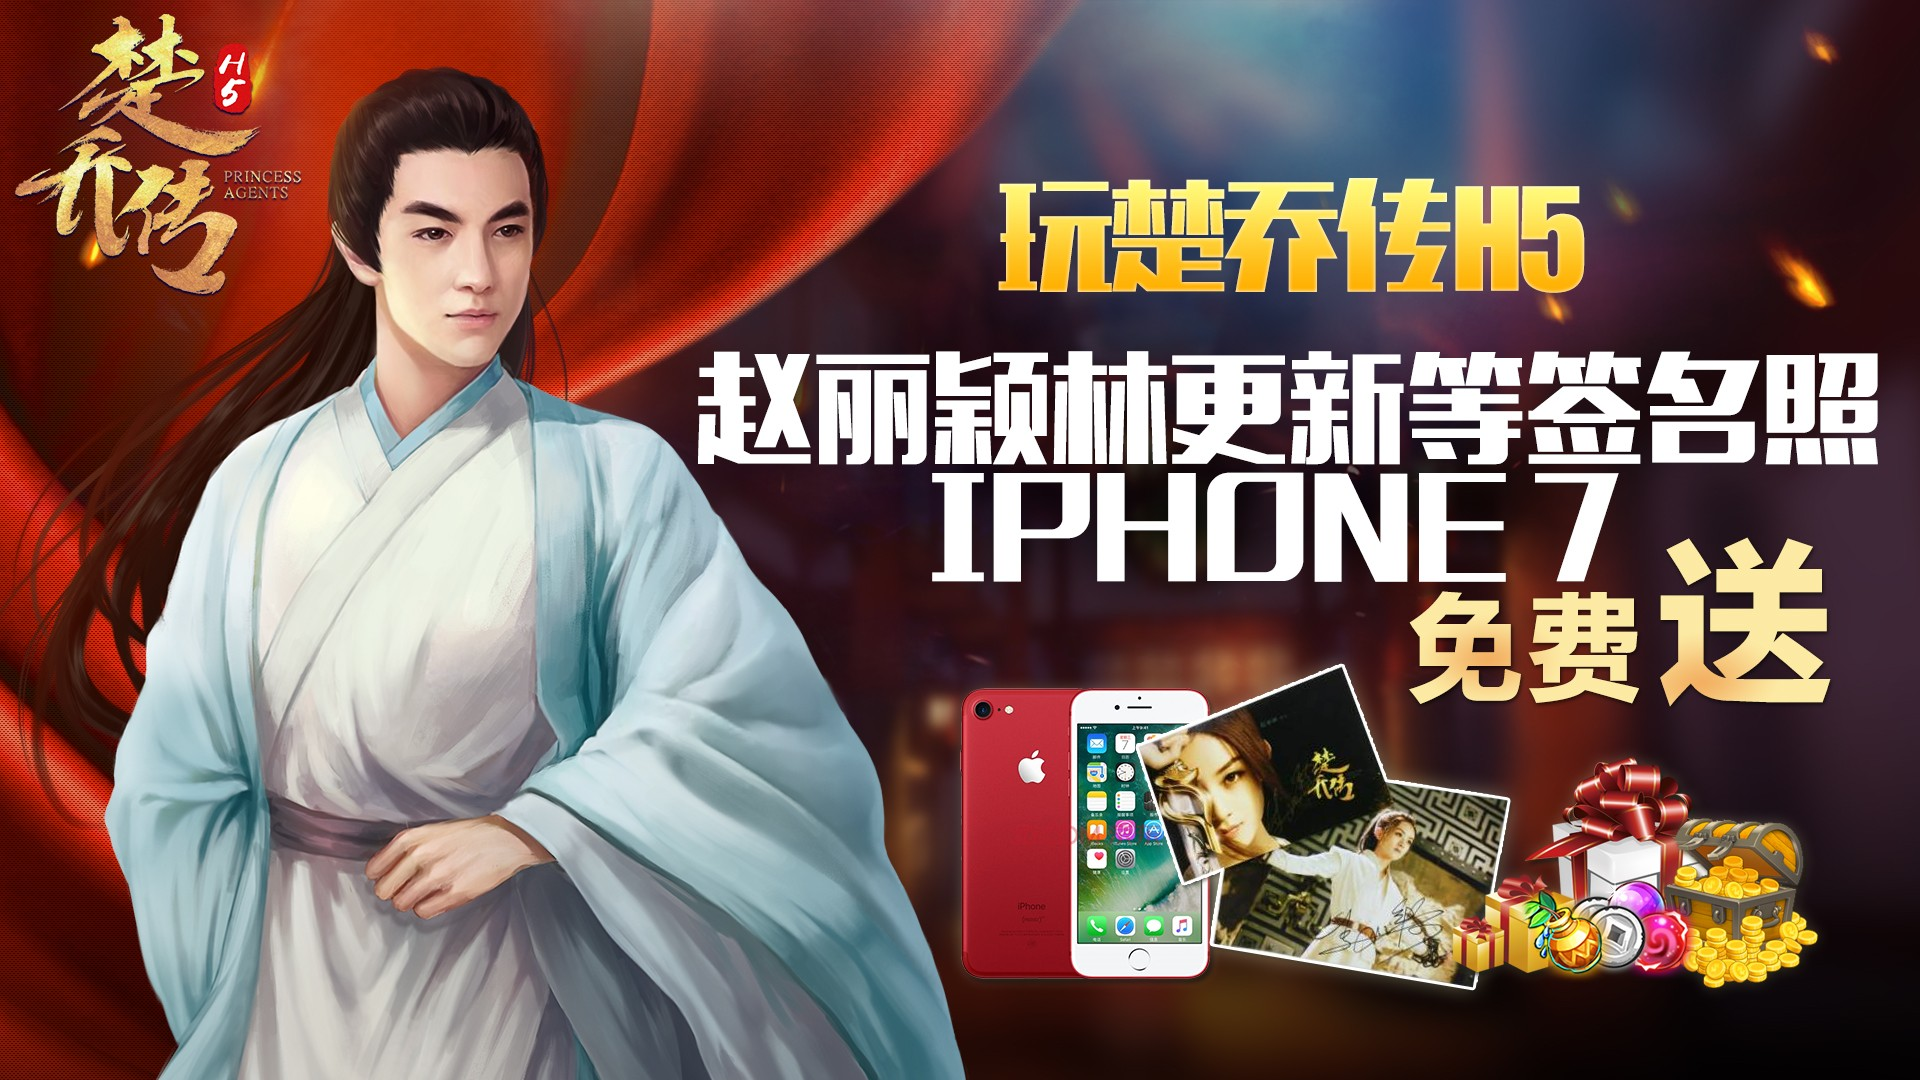 玩《楚乔传H5》送iPhone7+赵丽颖林更新亲笔签名